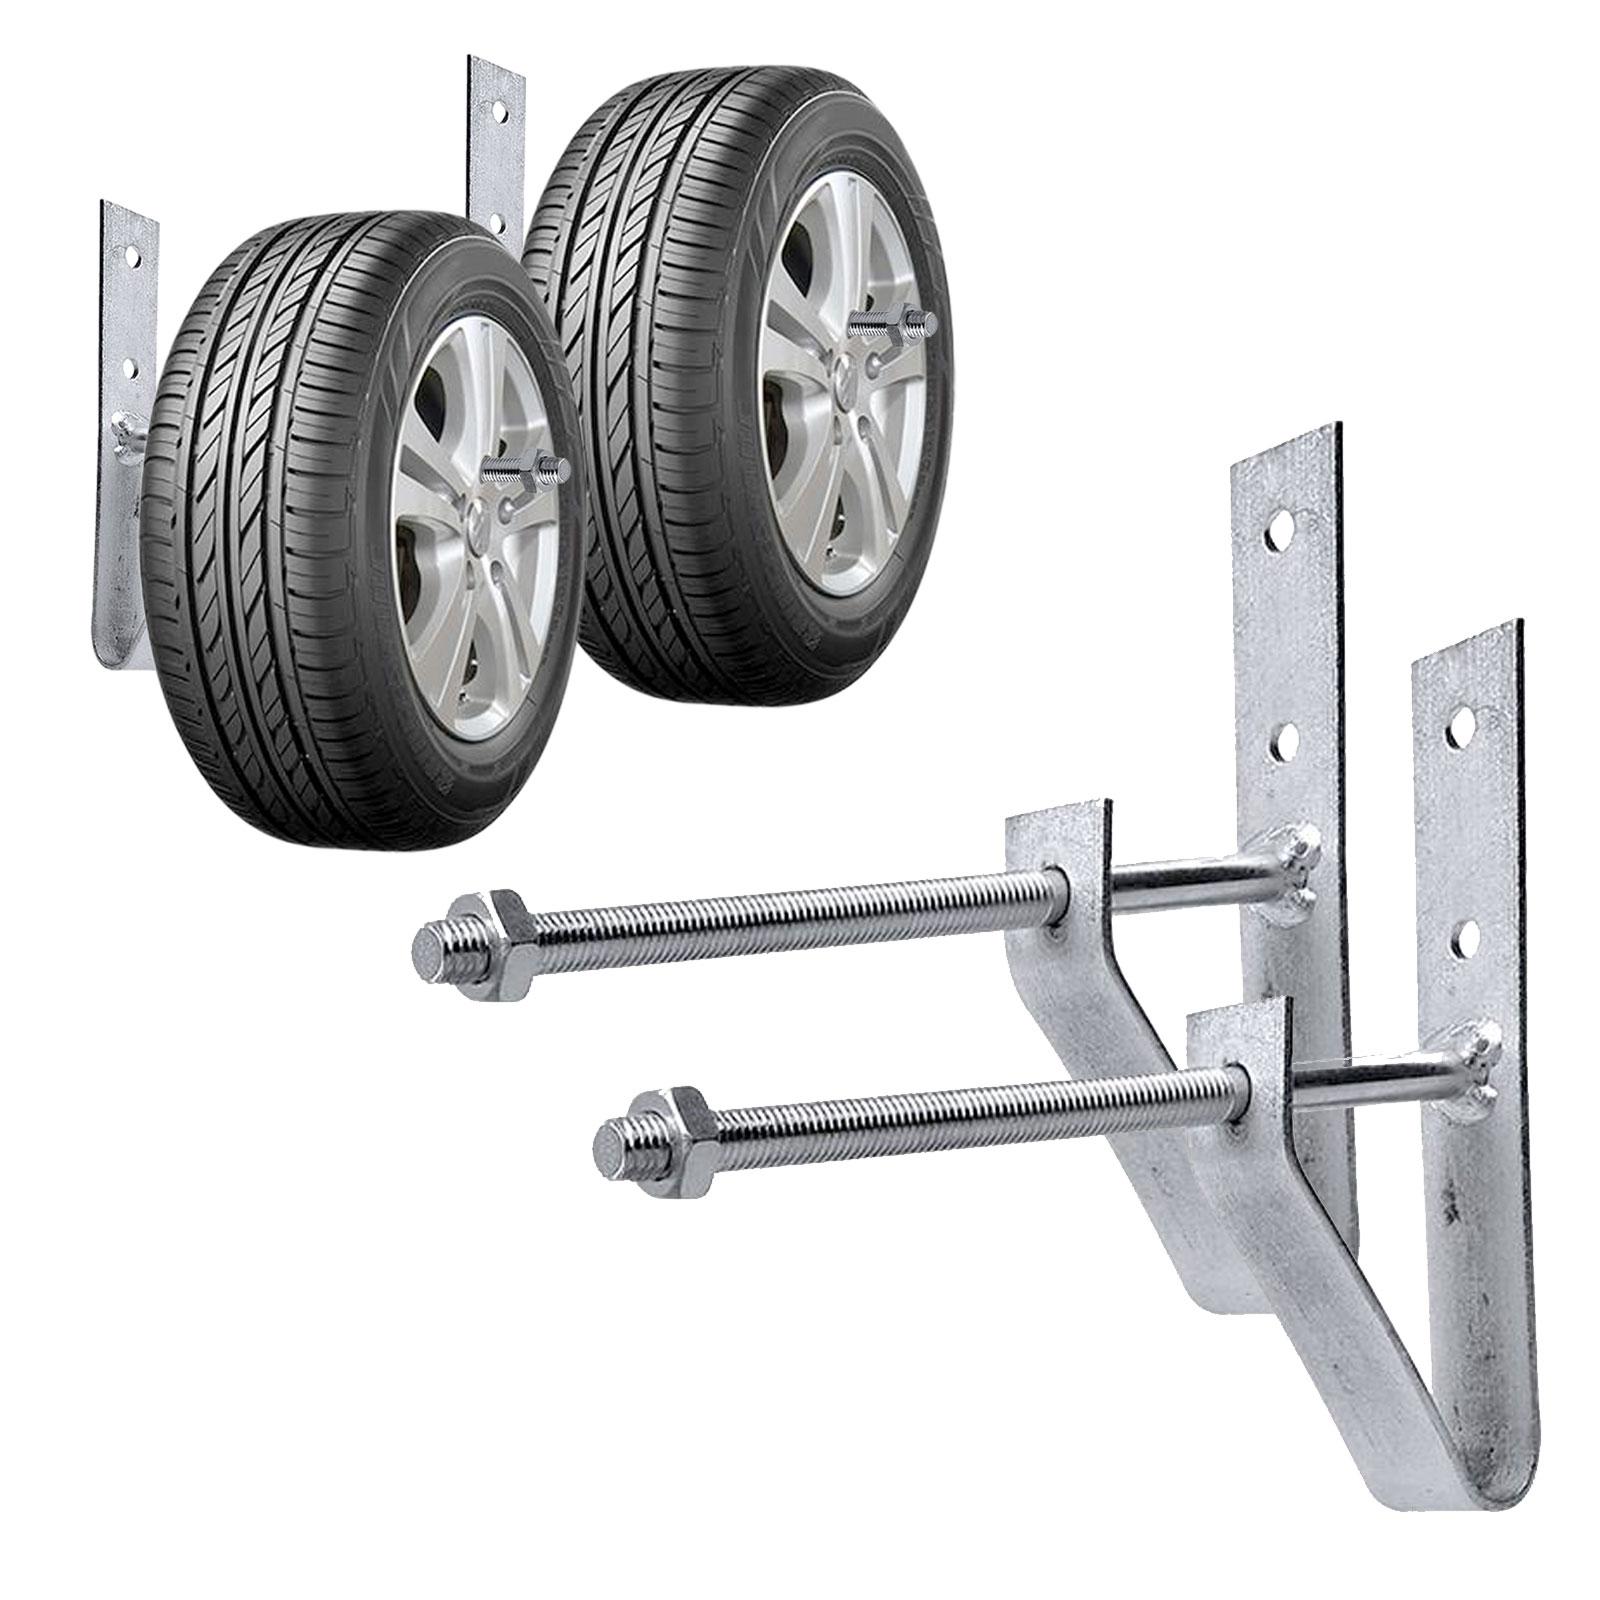 ProPlus Reifenwandhalter Set von 2 Stück inkl Schrauben und Dübel